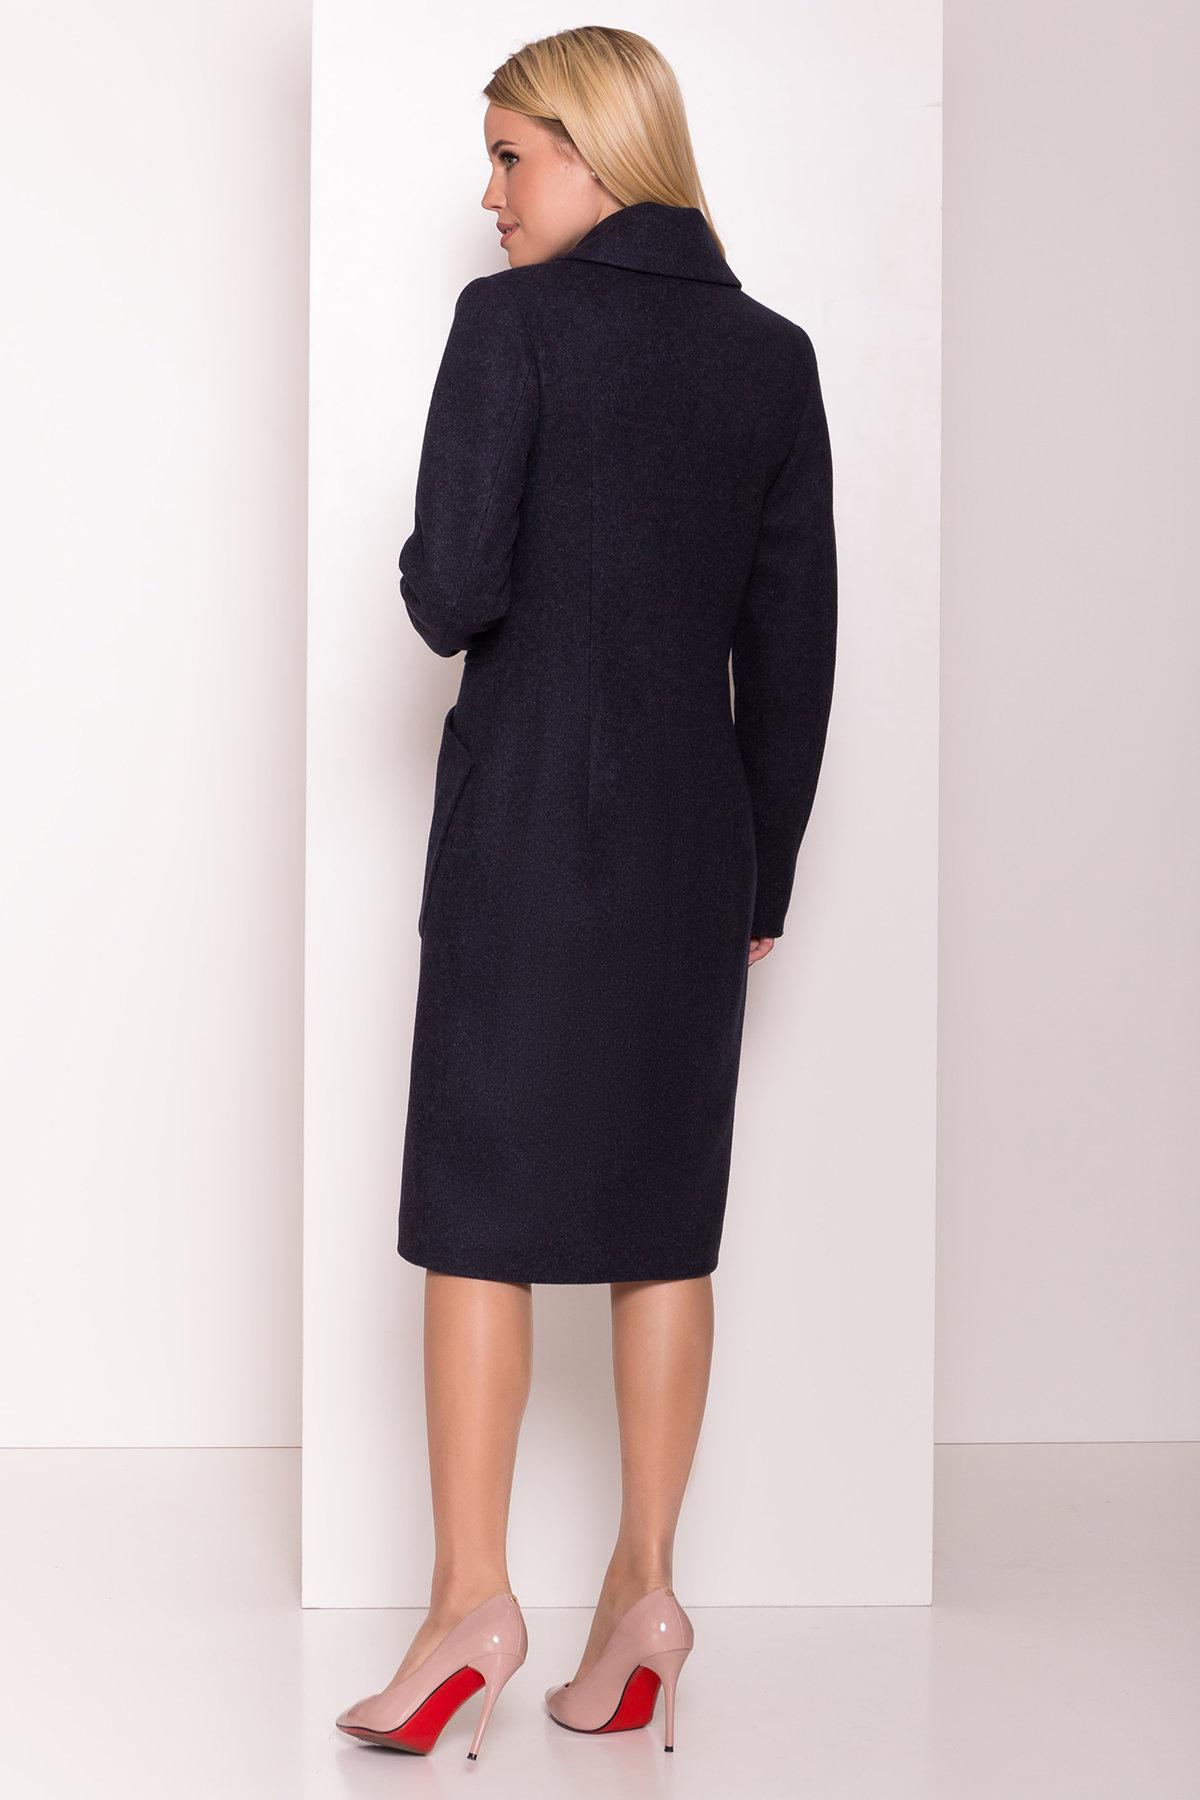 Классическое пальто Габриэлла 7872 Цвет: Т.синий 6